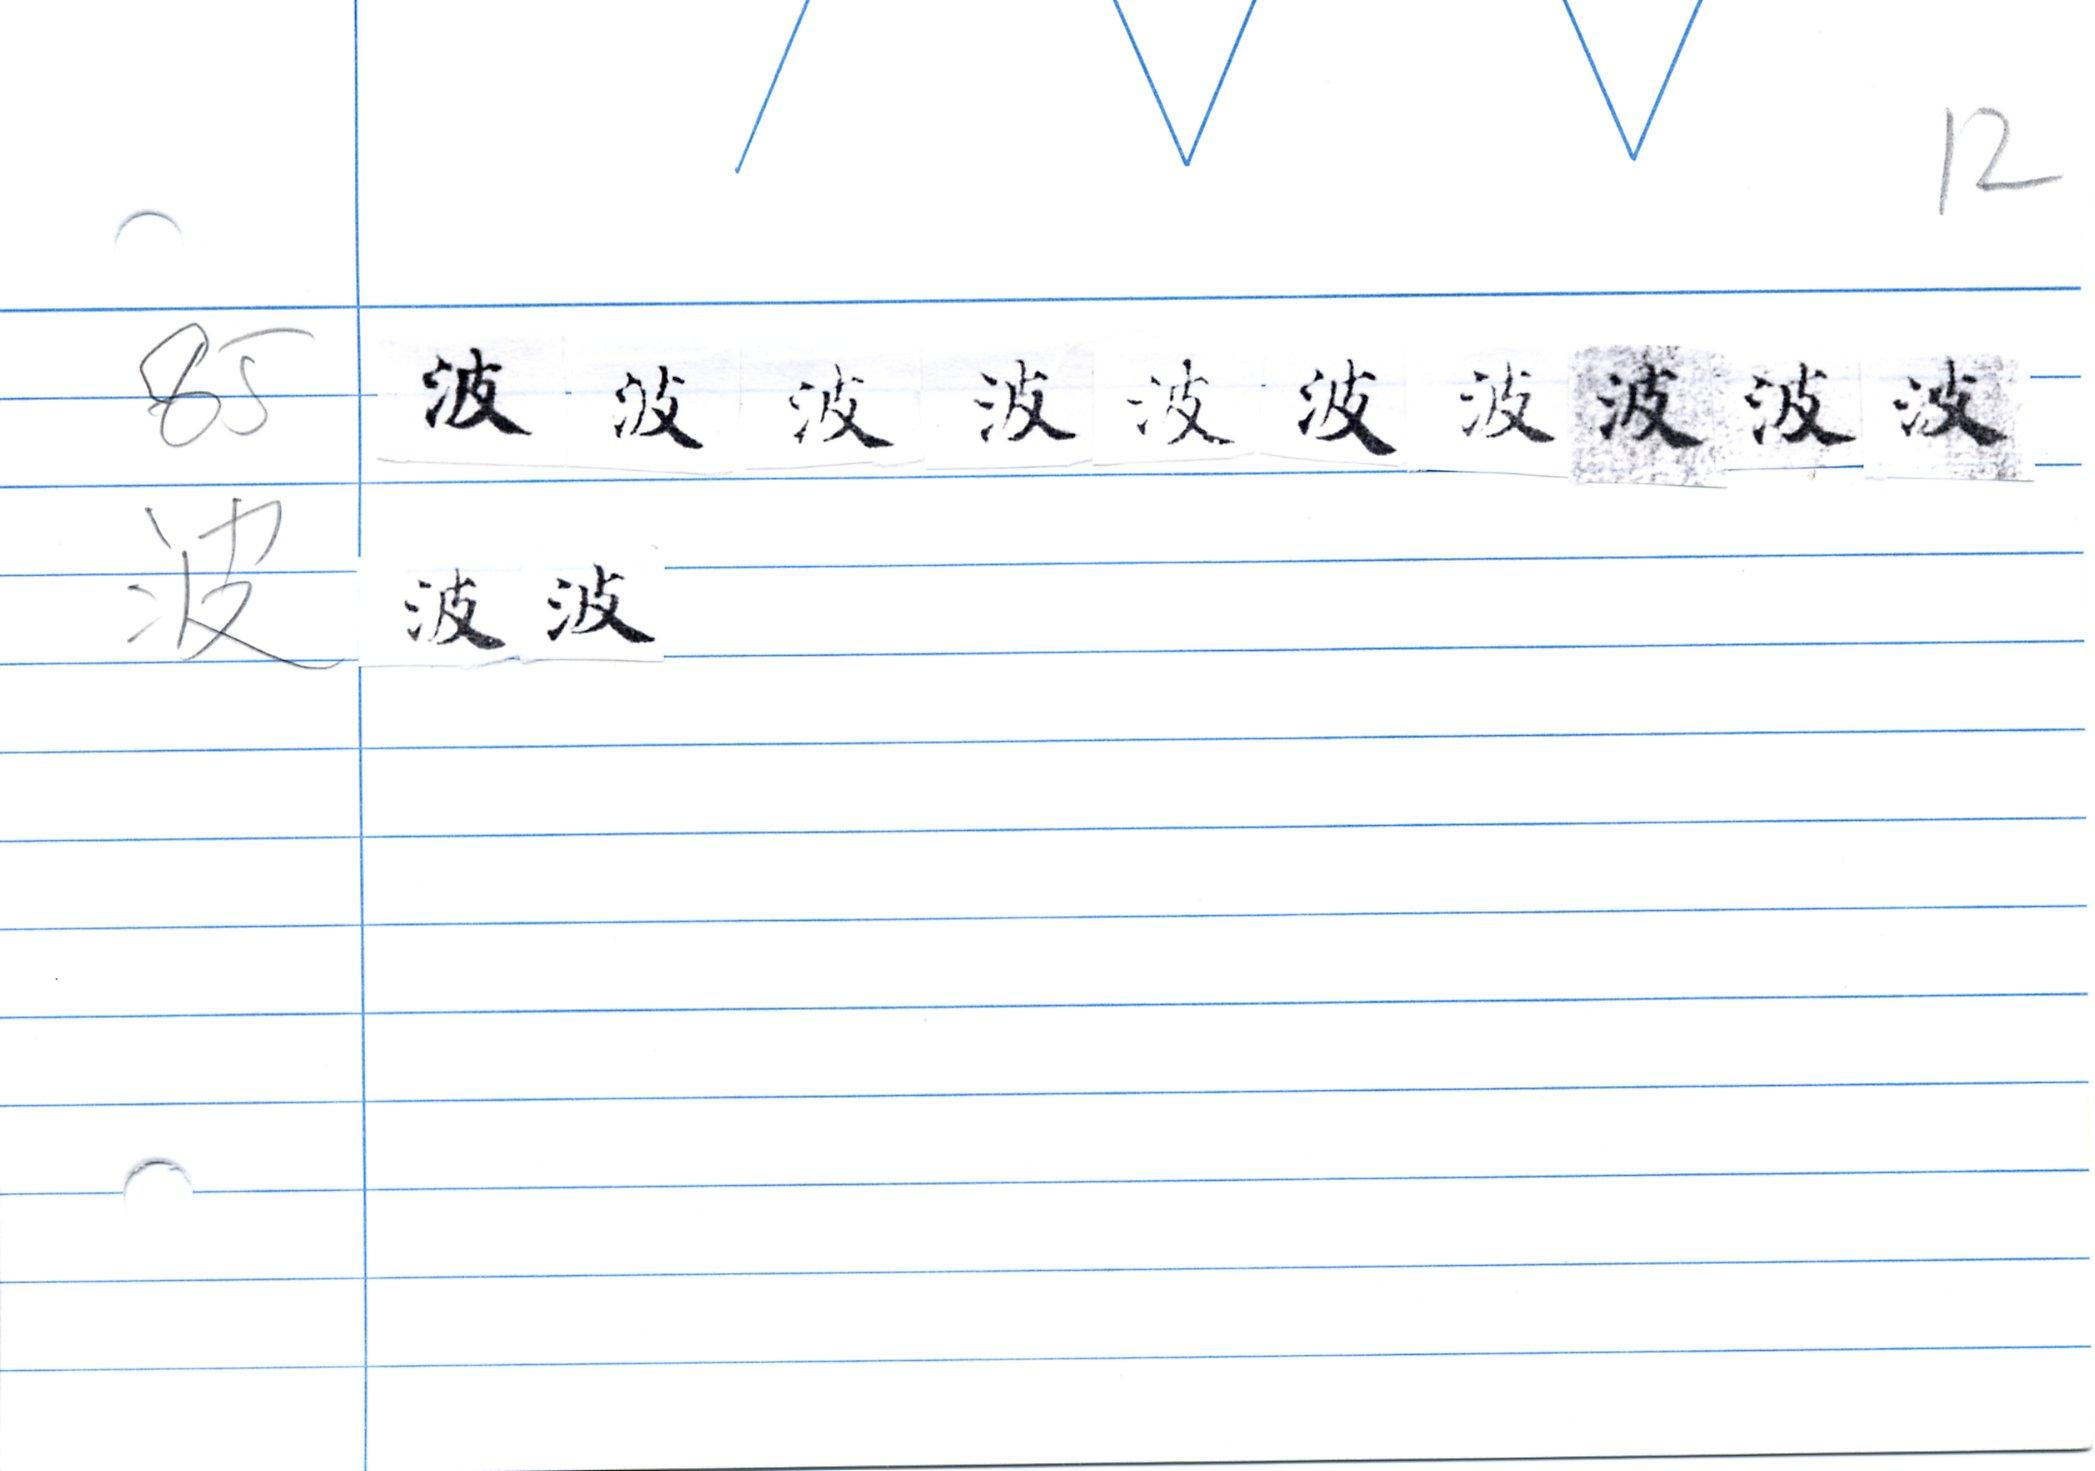 54_大般若經卷二百五十(和銅經)/cards/0129.JPG